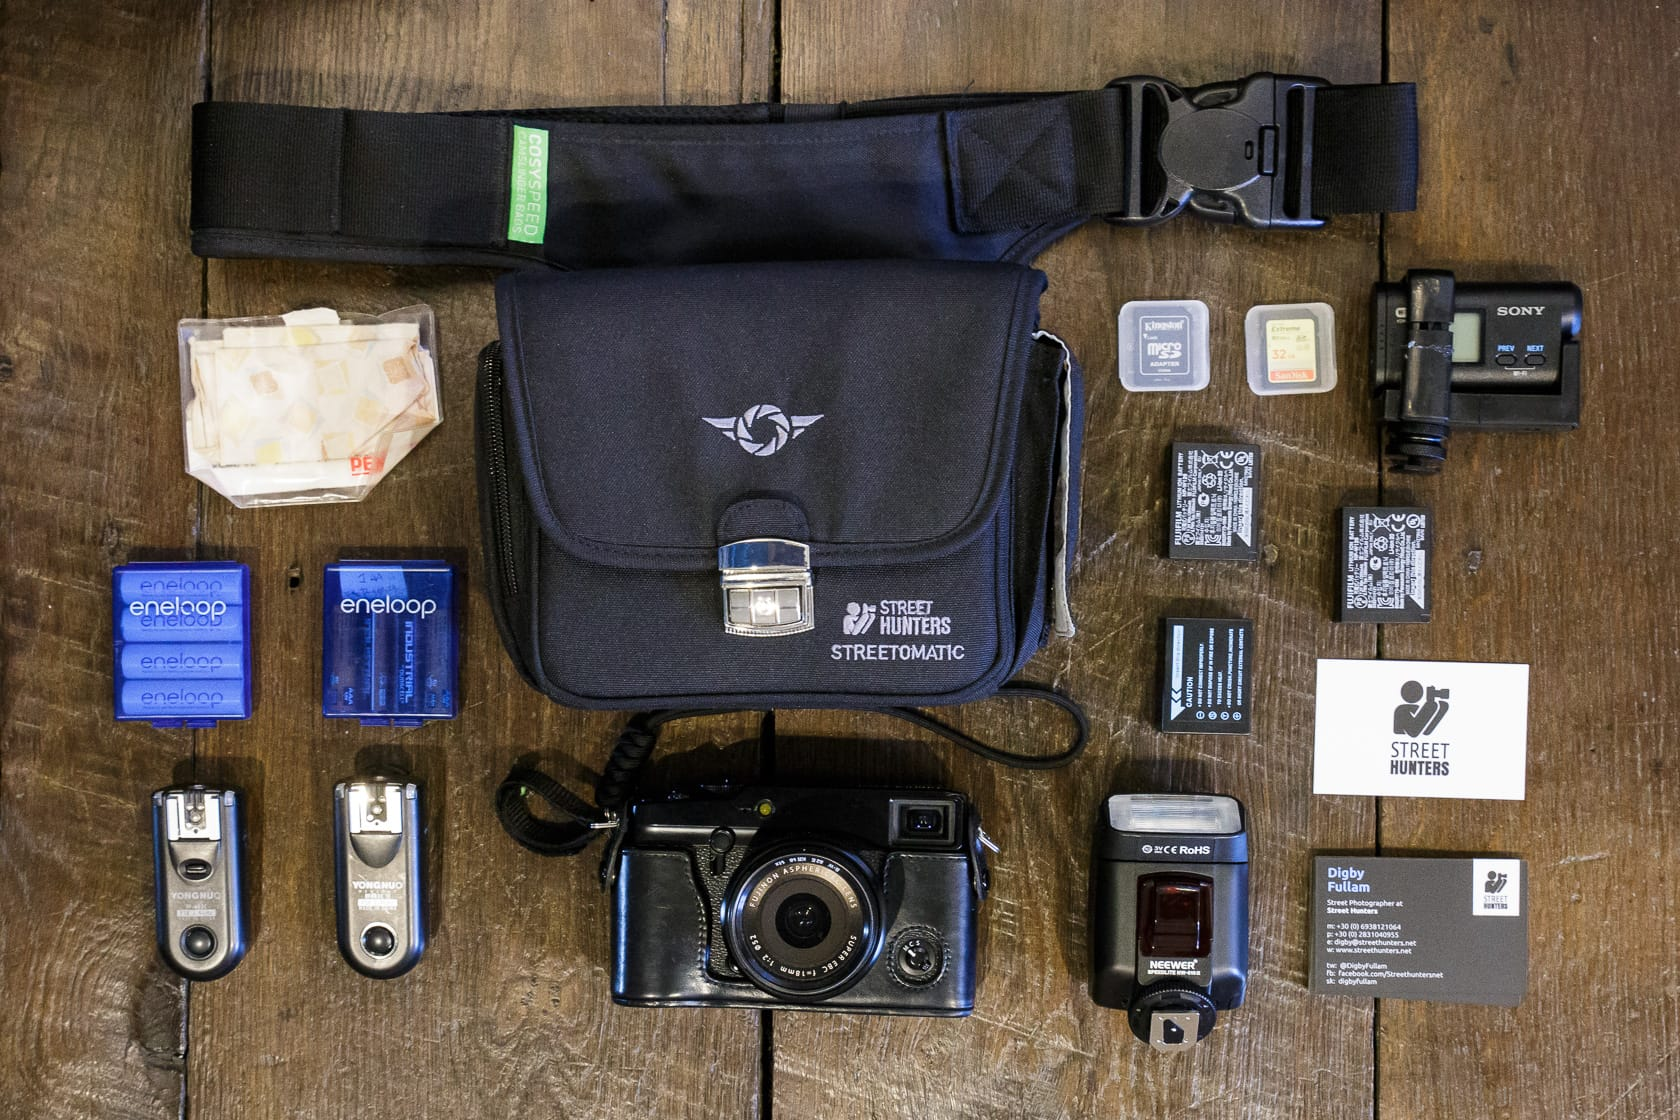 Digby Fullam's mirrorless street hunt camera bag